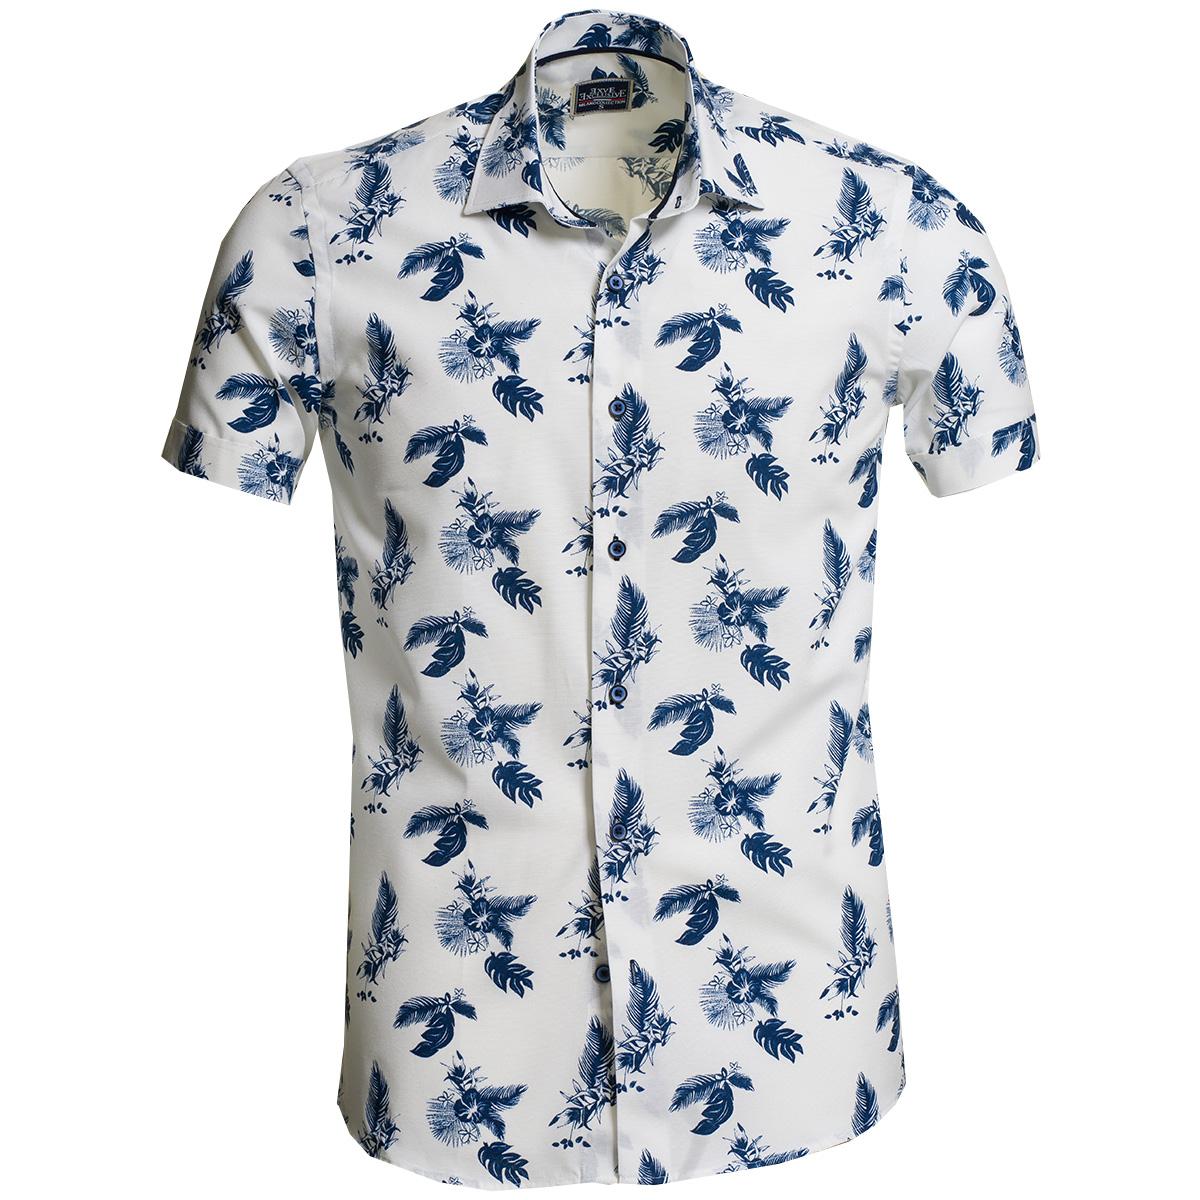 Collection de chemises habillées à manches courtes pour hommes d'Hawaï